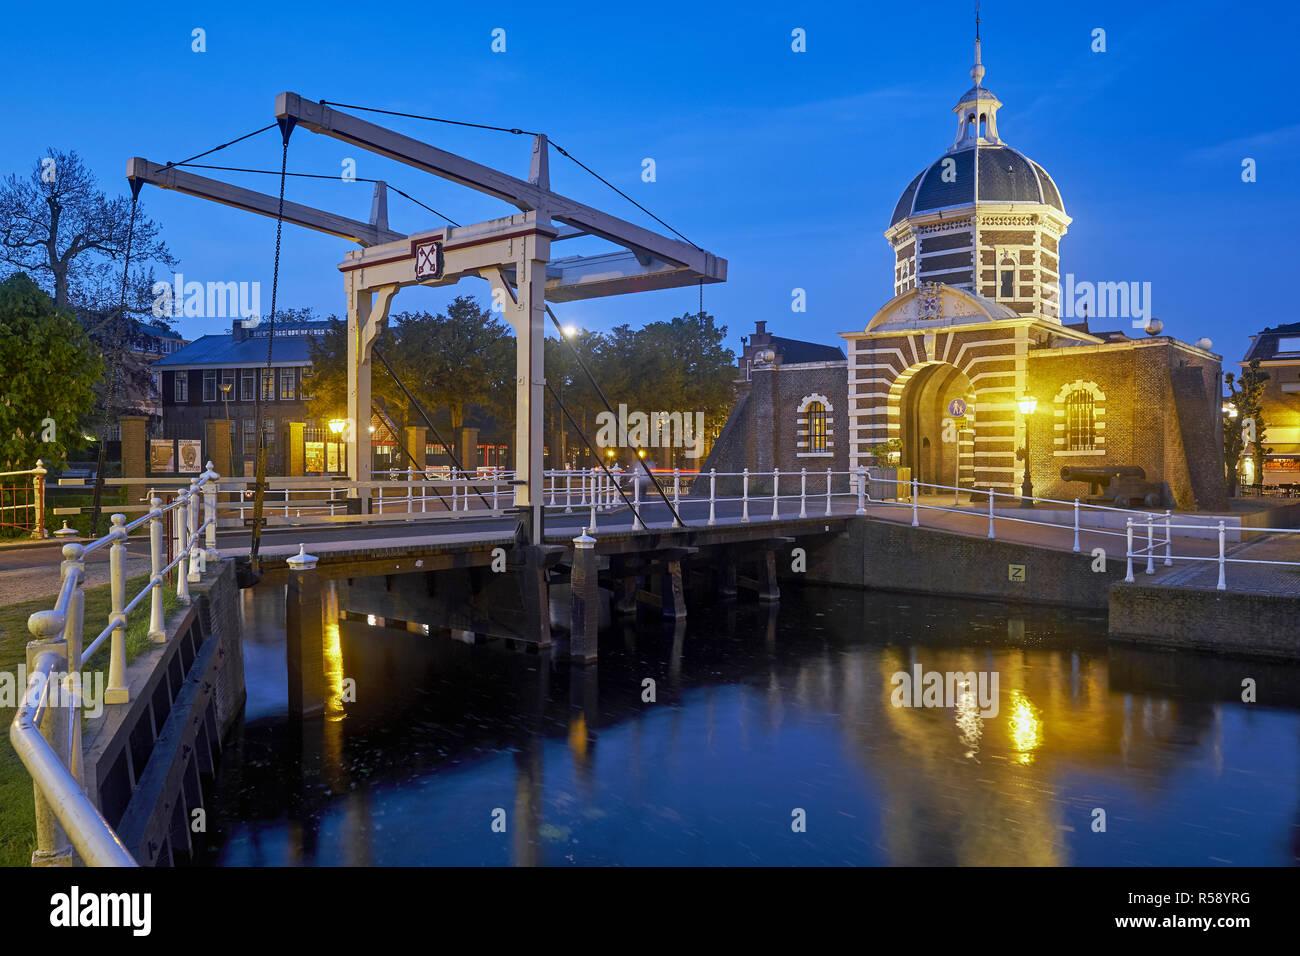 Morspoort with Morspoort Brug, Leiden, South Holland, Netherlands Stock Photo